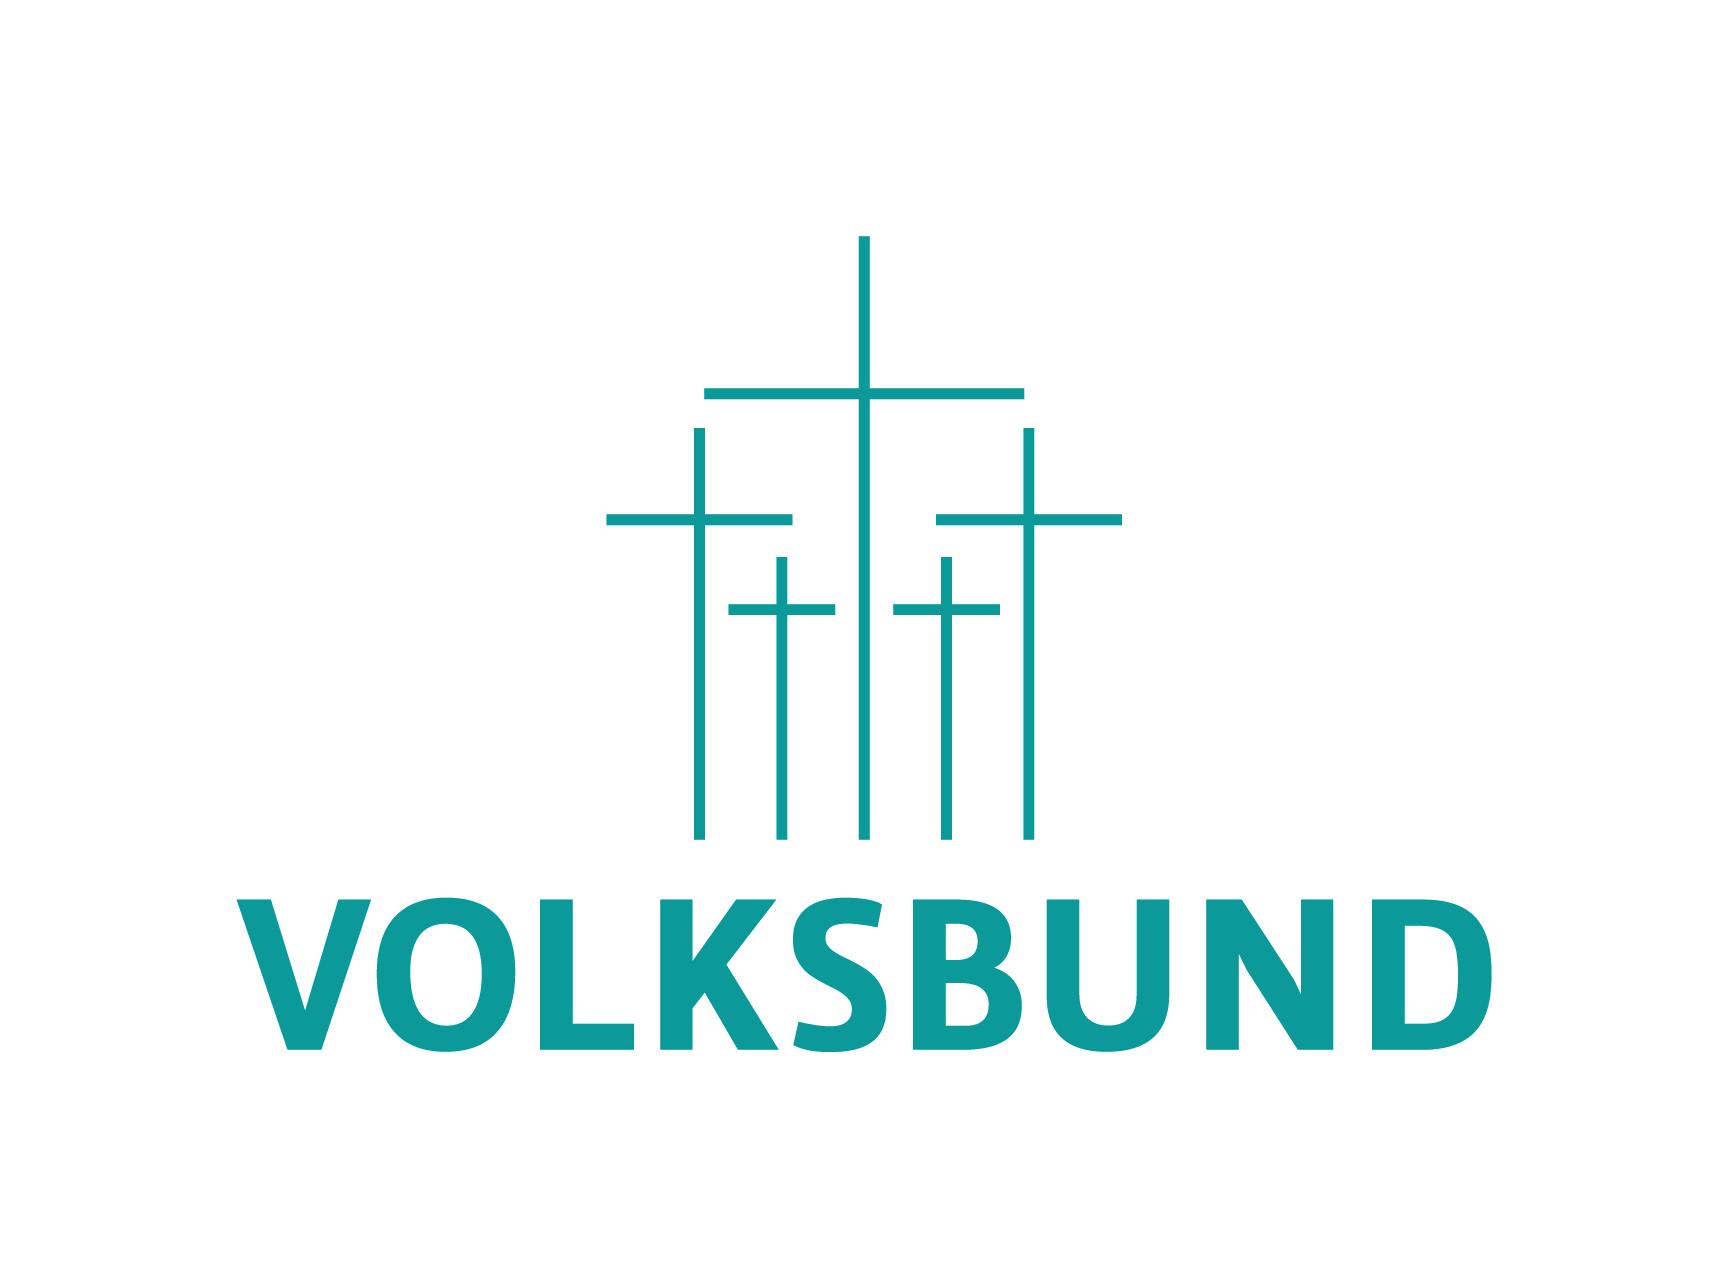 Volksbund_Ohne_CMYK.jpg